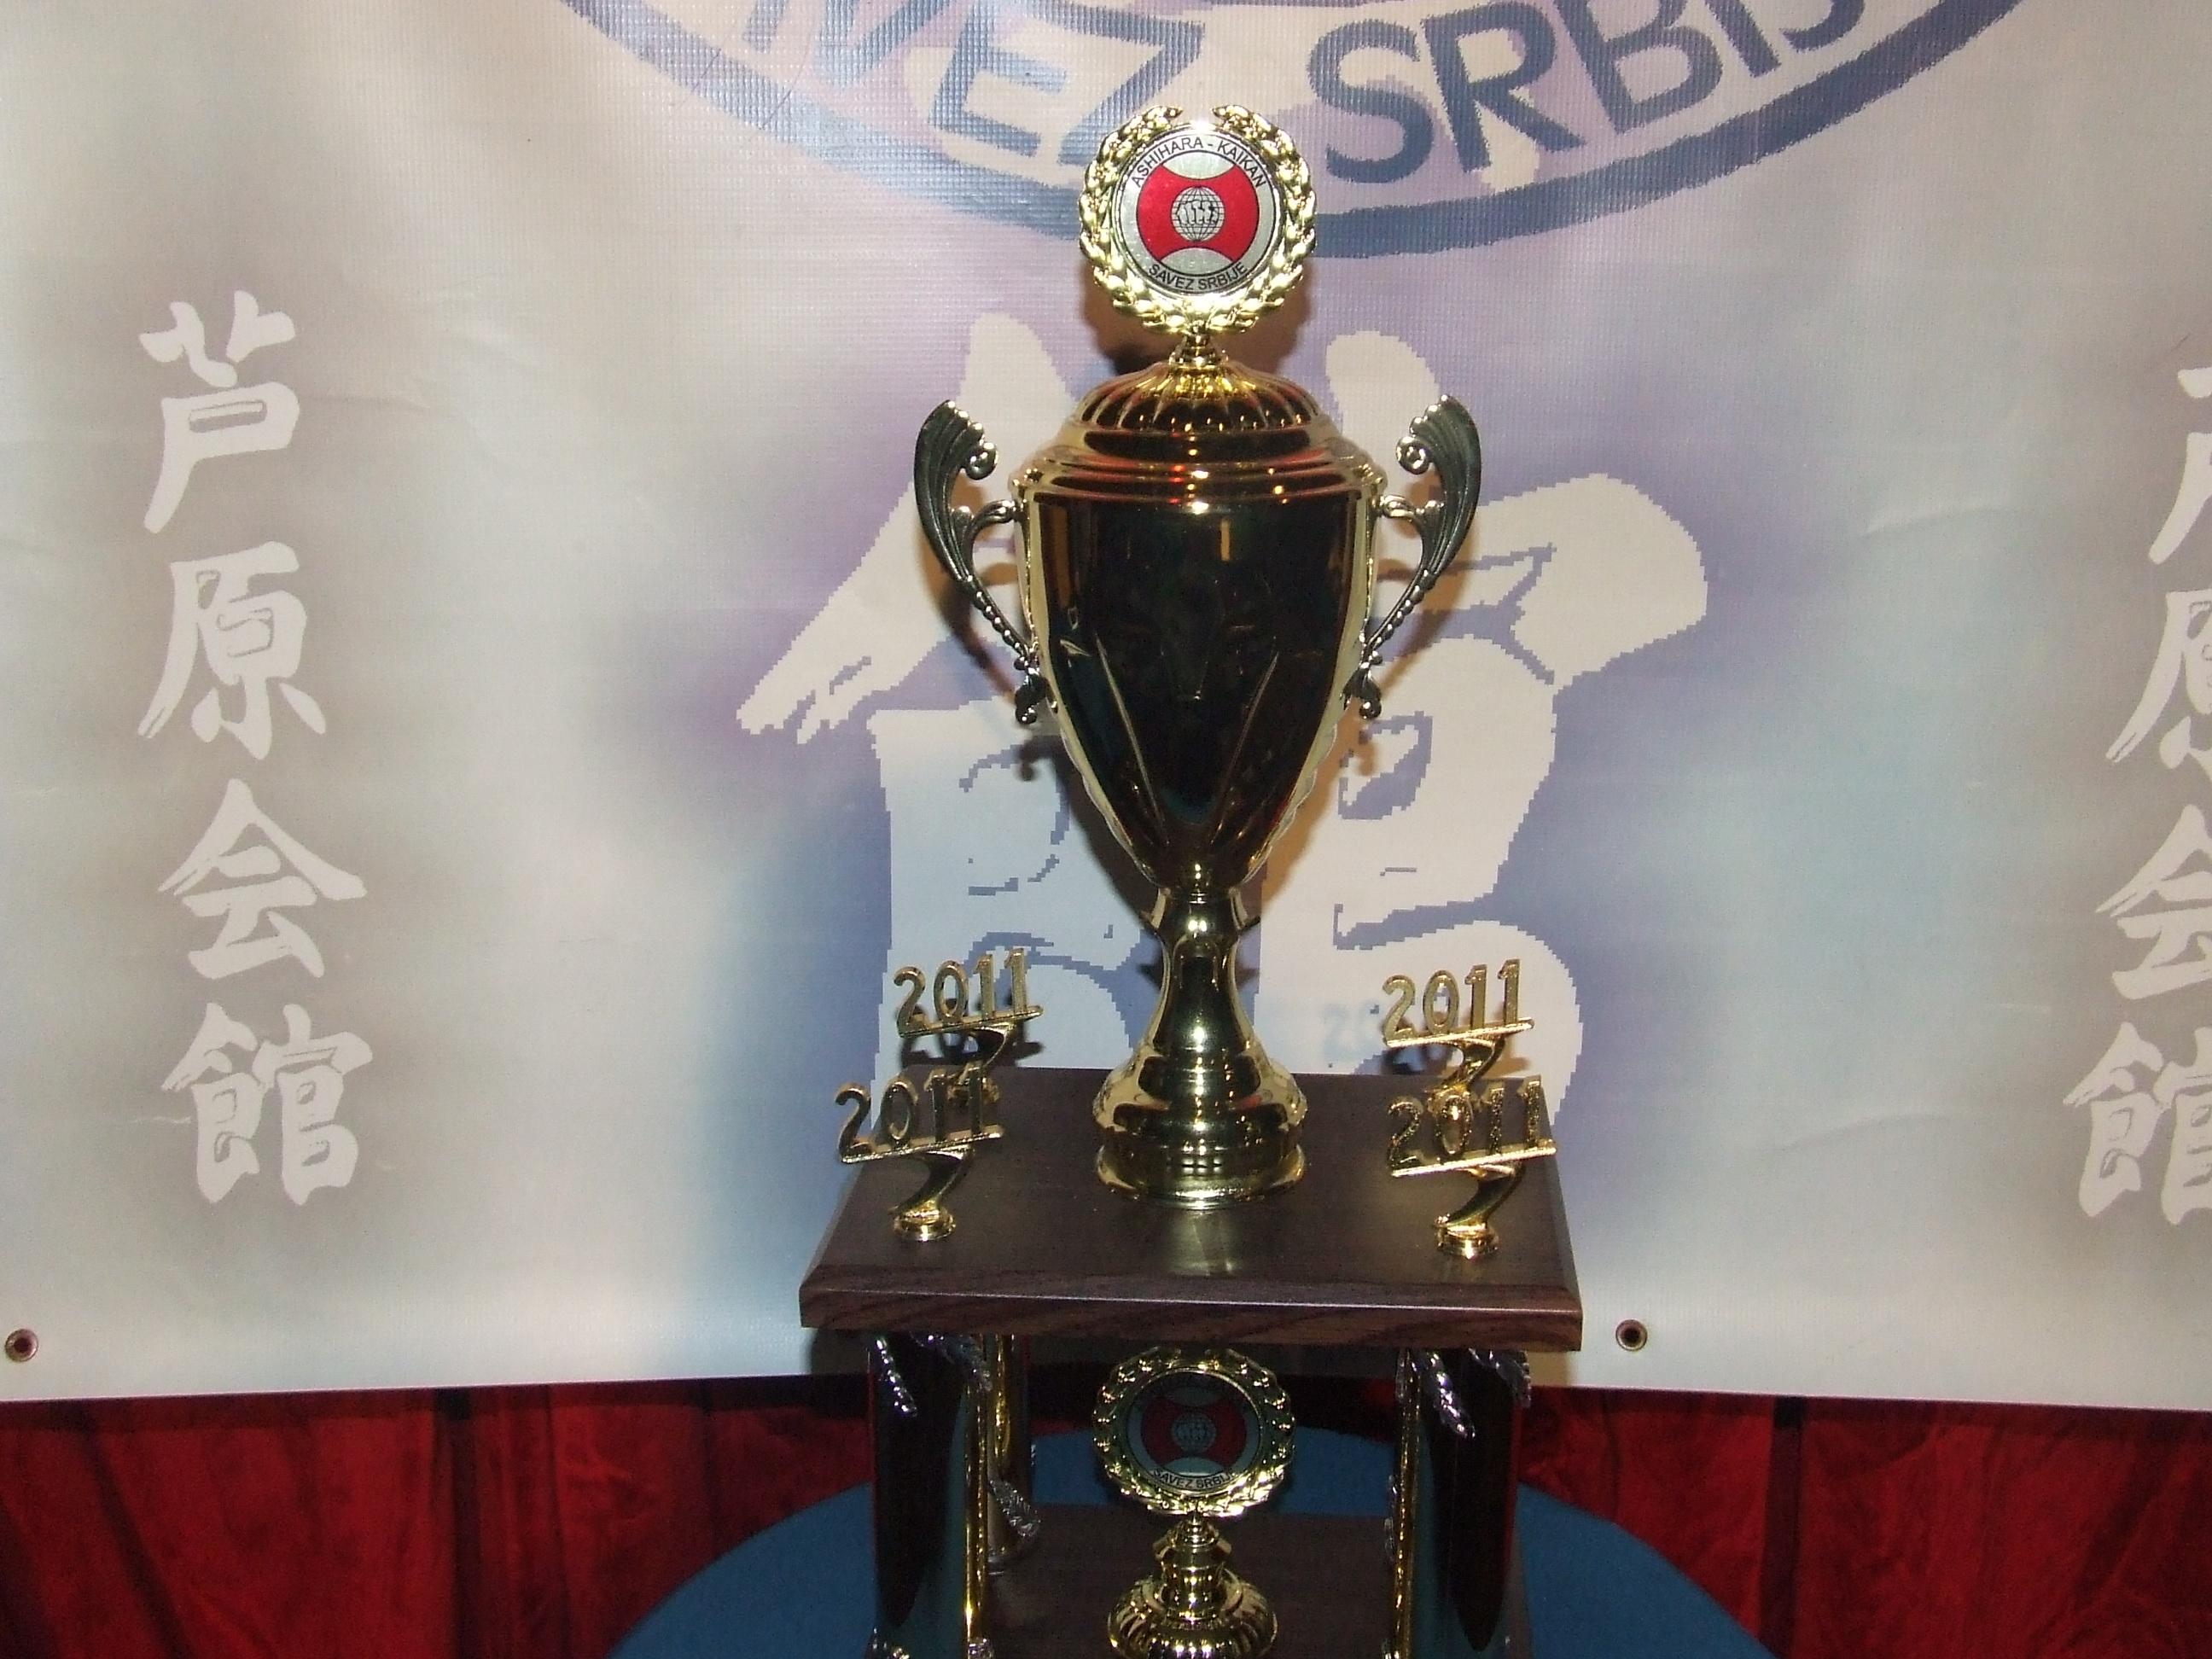 novosti ashihara kaikan savez srbije ashihara karate ashihara pehar za najboljeg sportistu godine